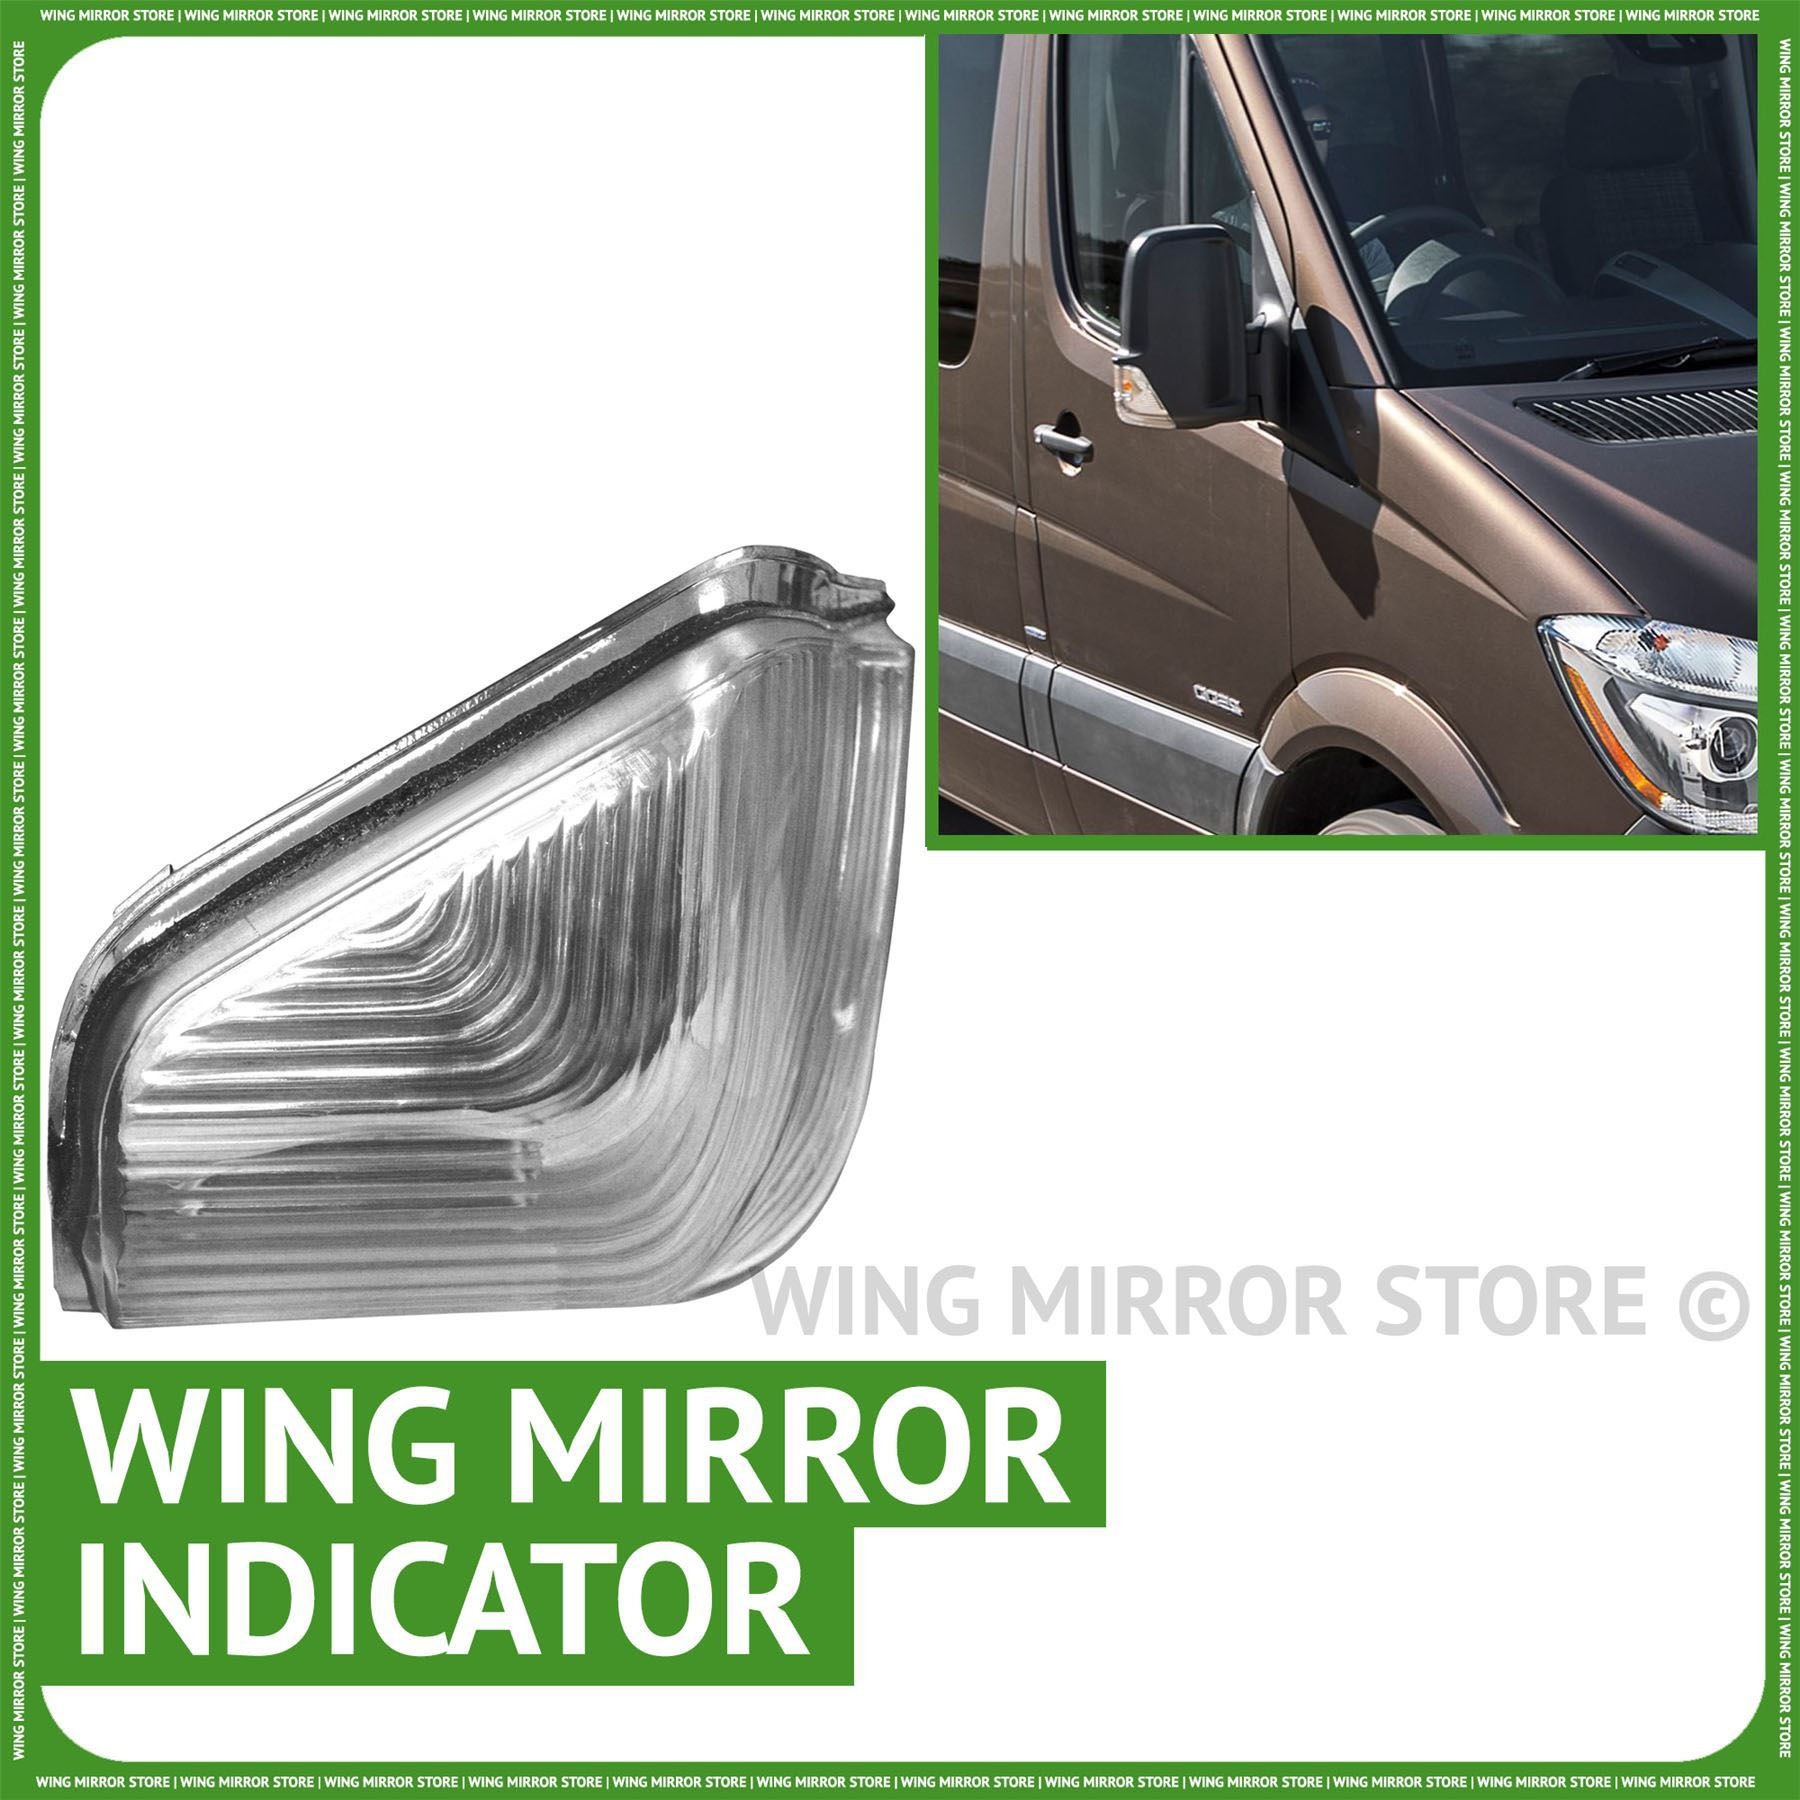 Volkswagen Crafter 2007 To 2016 avec indicateur Wing mirror left hand